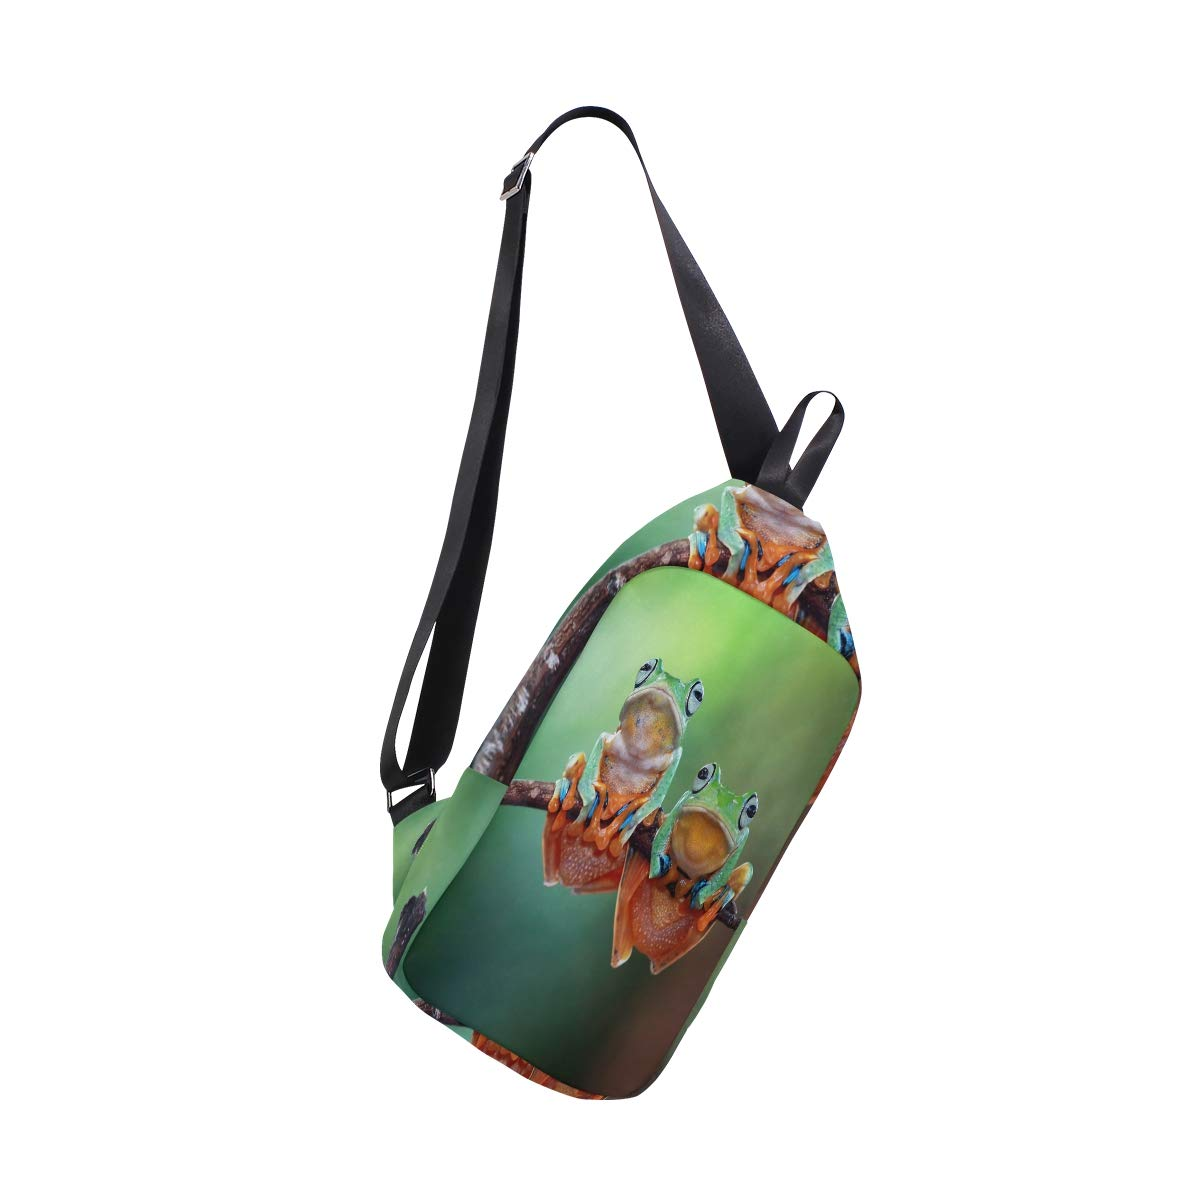 TFONE Funny Animal Tree Frog Crossbody Bag Lightweight Chest Shoulder Messenger Pack Backpack Sling Bag